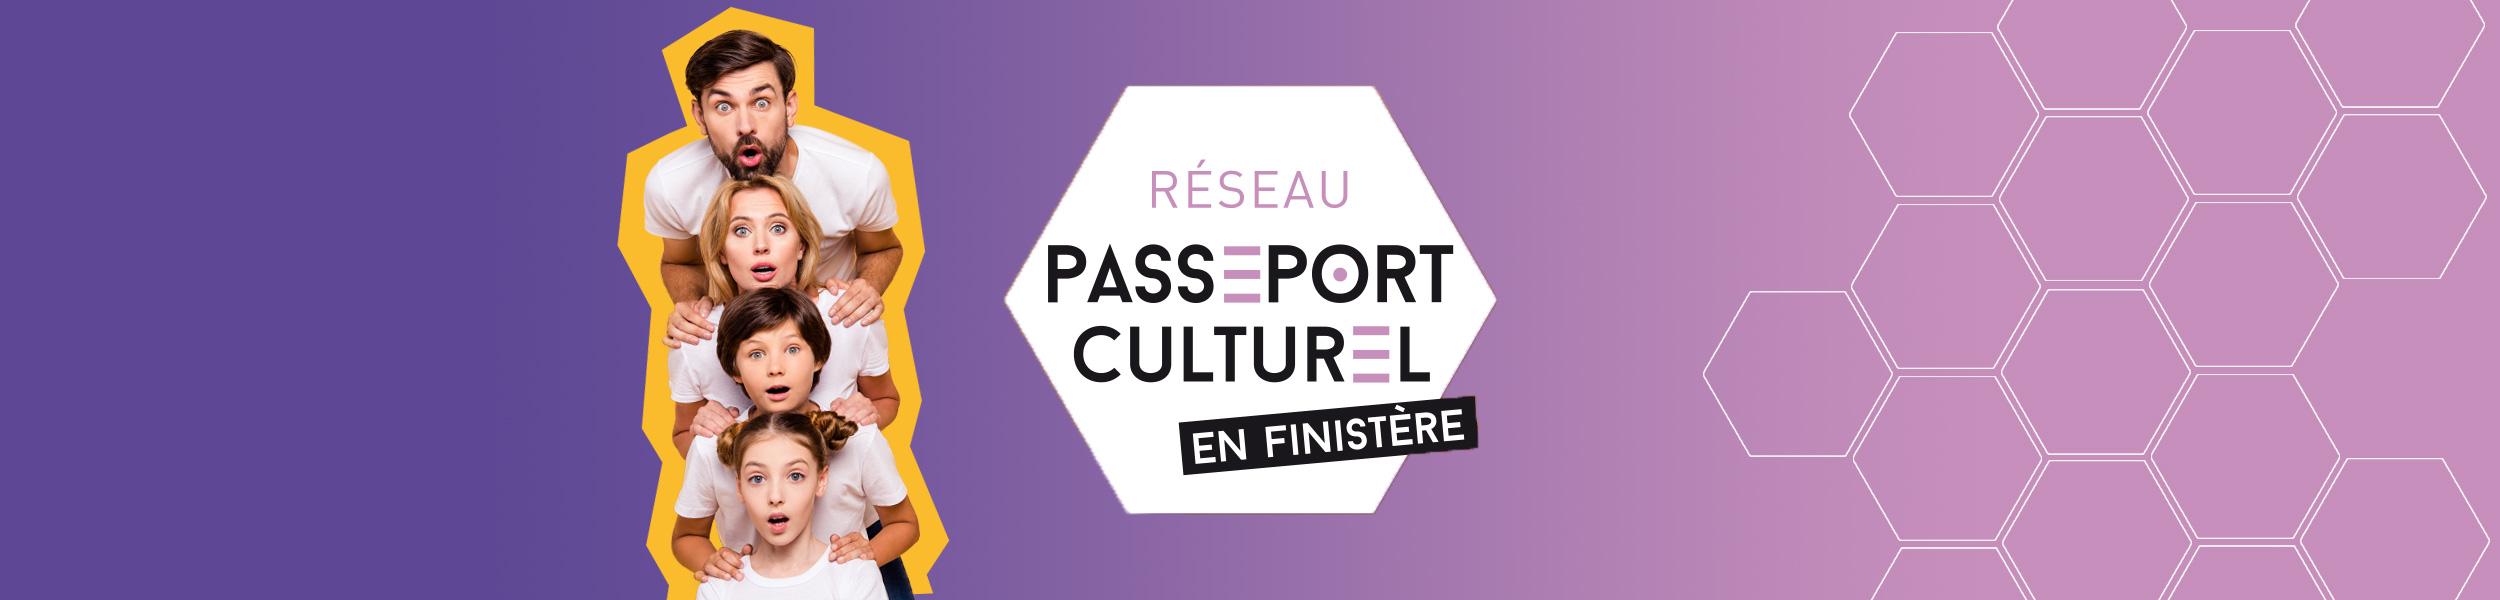 Passeport culturel